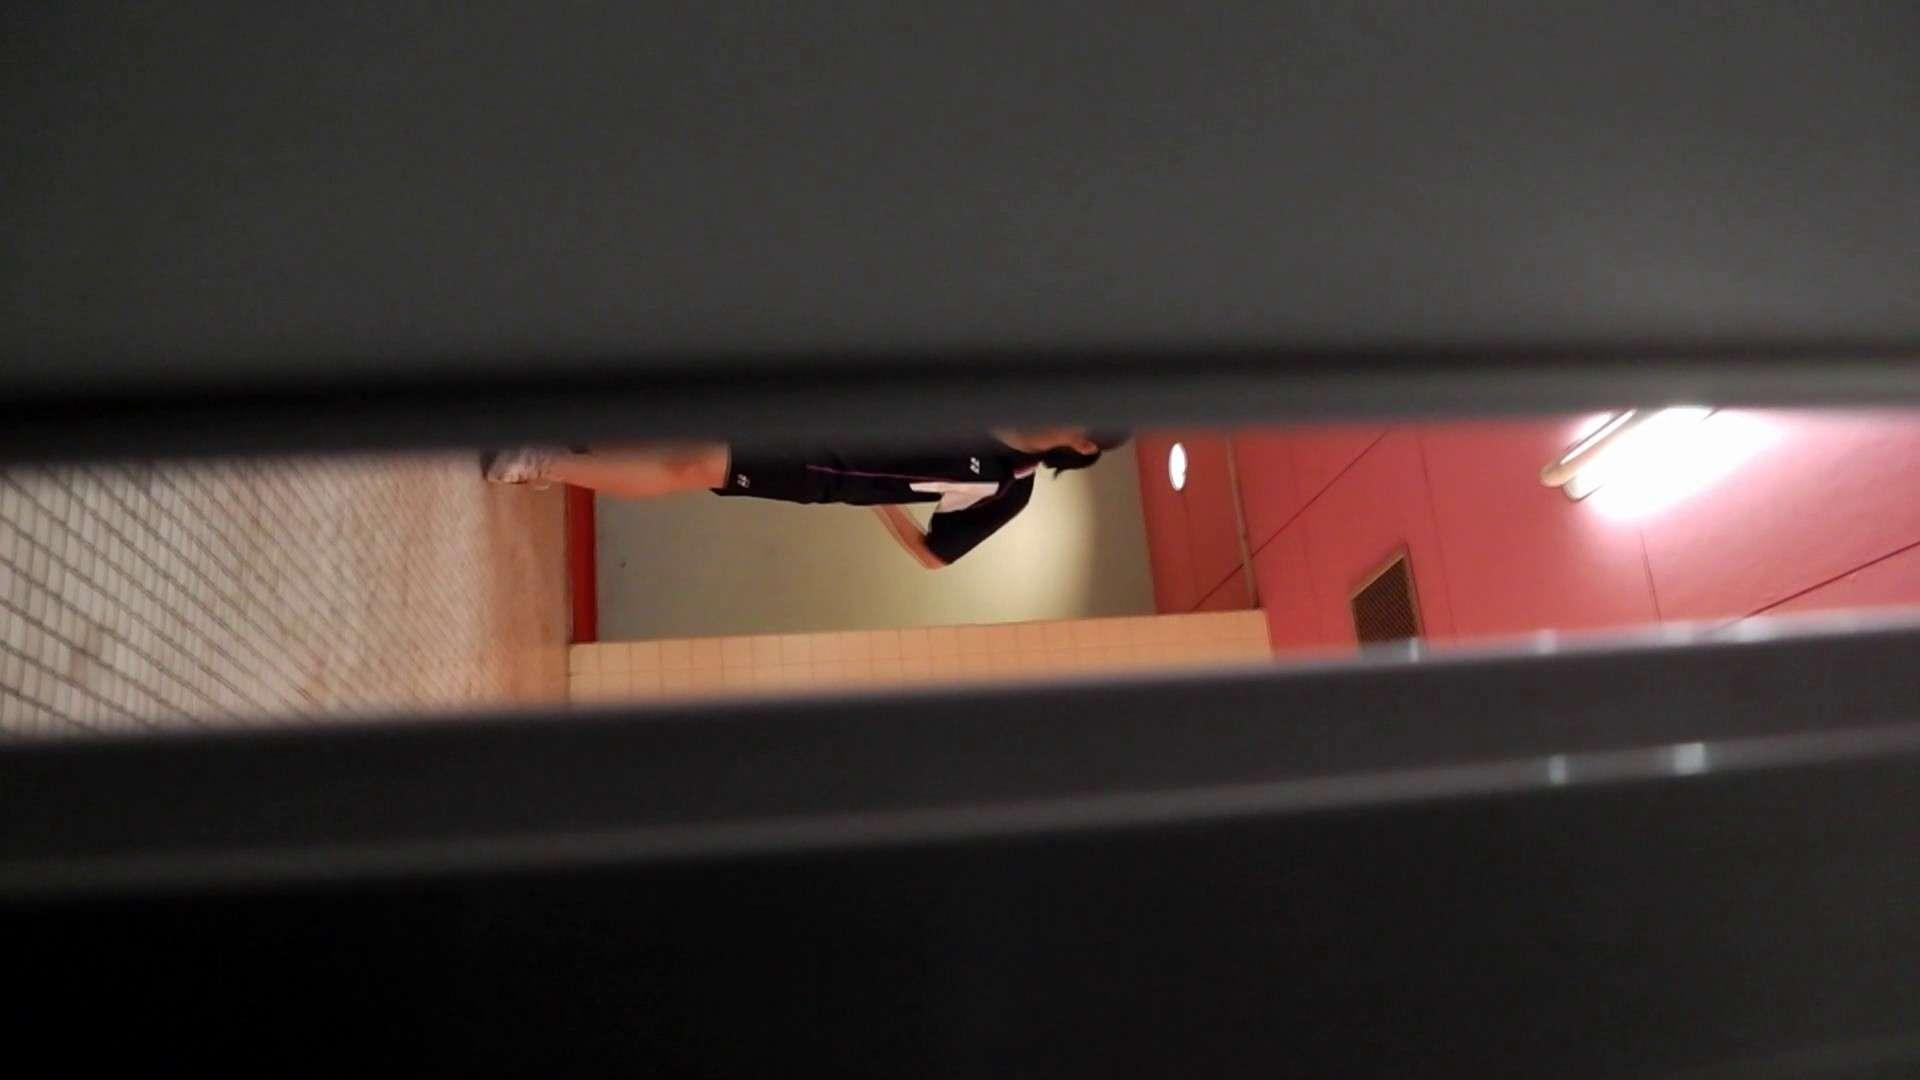 第三体育館潜入撮 File17 大・小・その他色々、ぎっしり詰まった一本 体育館で スケベ動画紹介 97画像 39